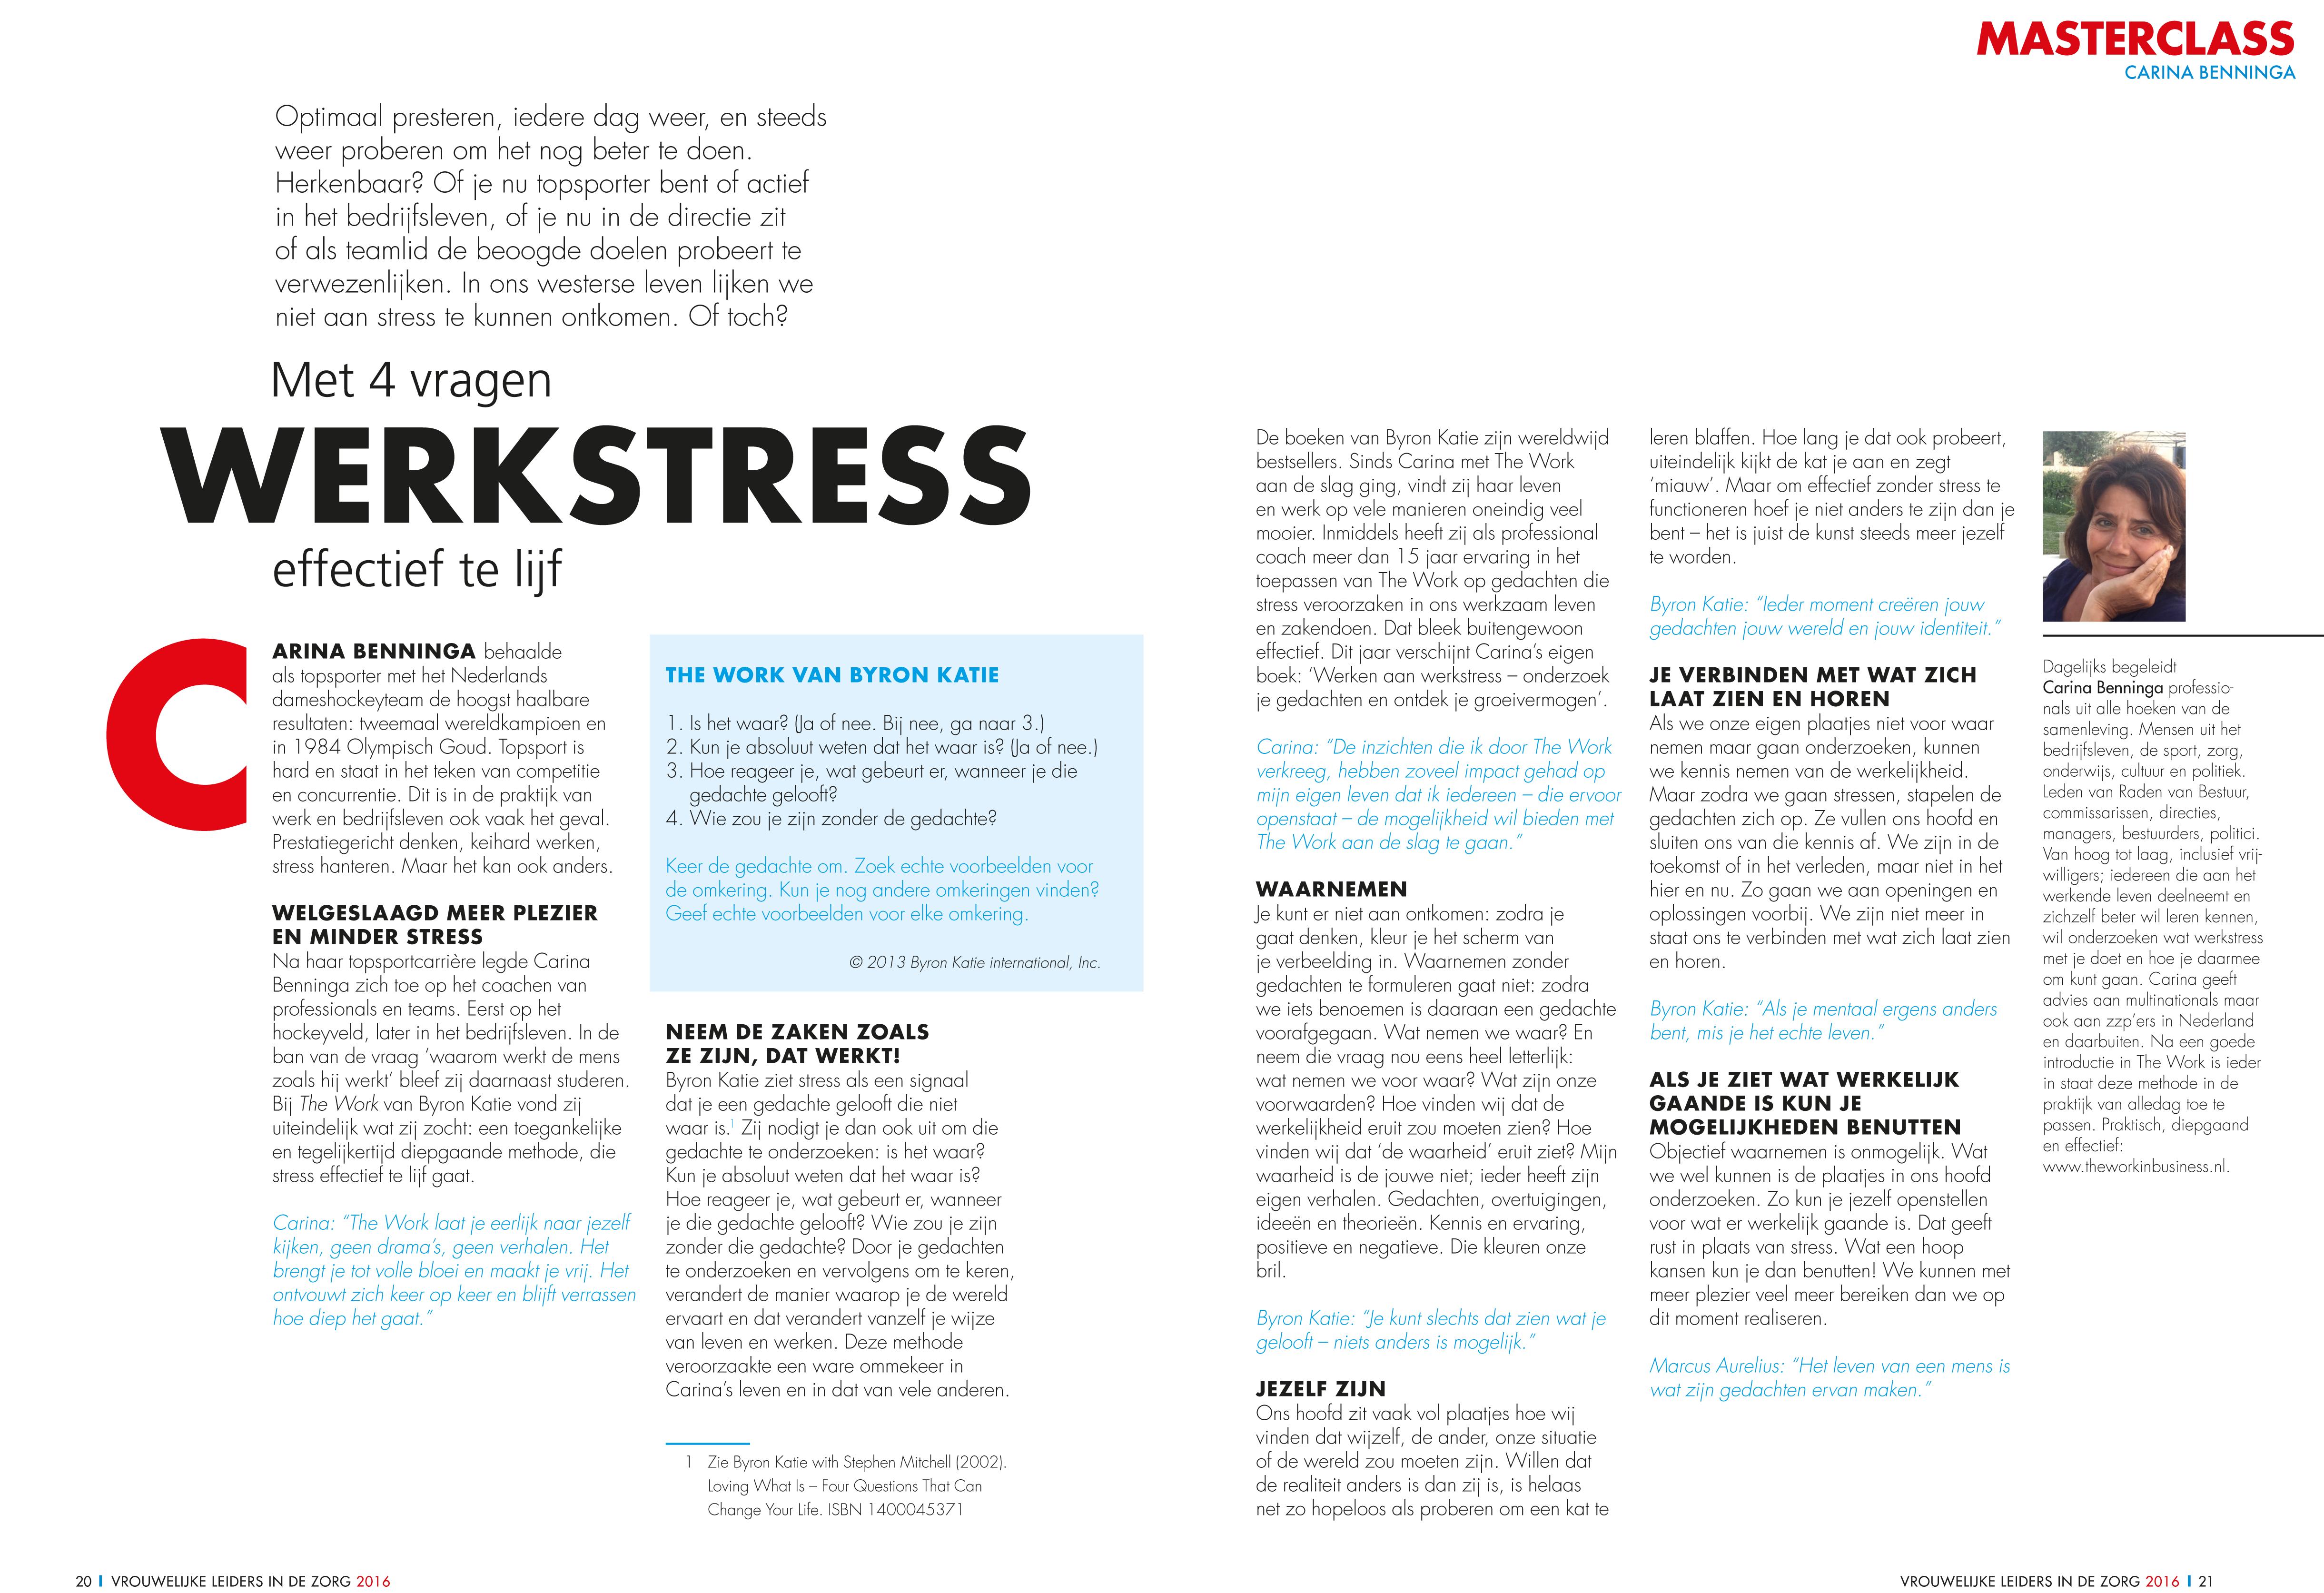 met-4-vragen-werkstress-effectief-te-lijf